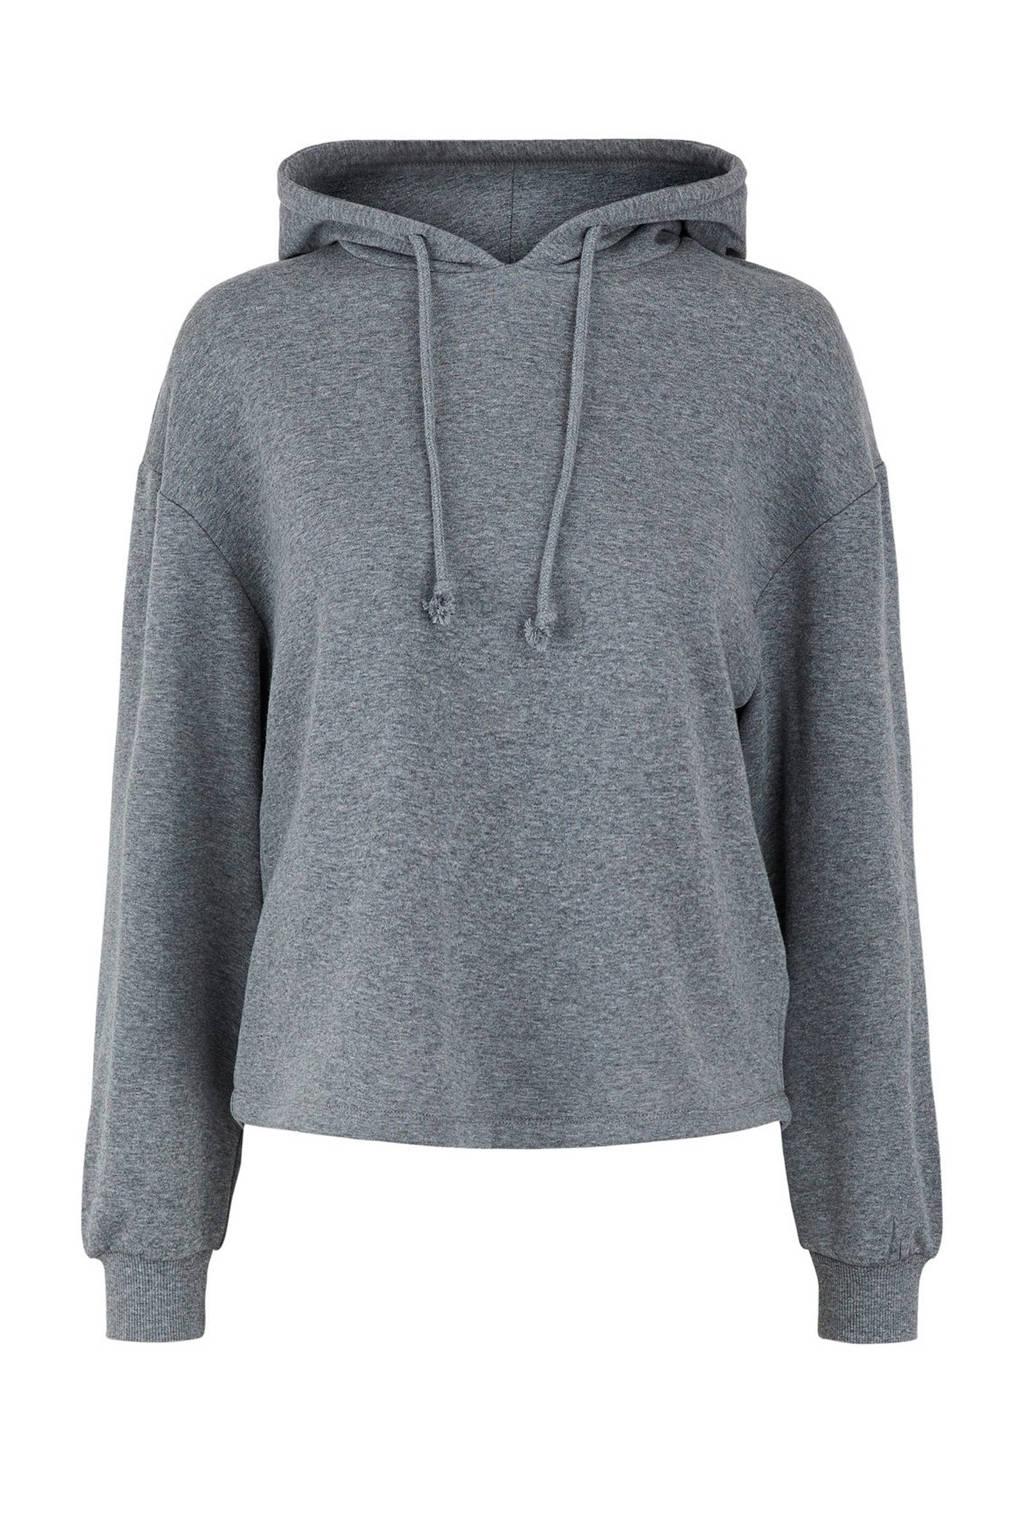 PIECES hoodie Chilli met capuchon grijs, Donkergrijs